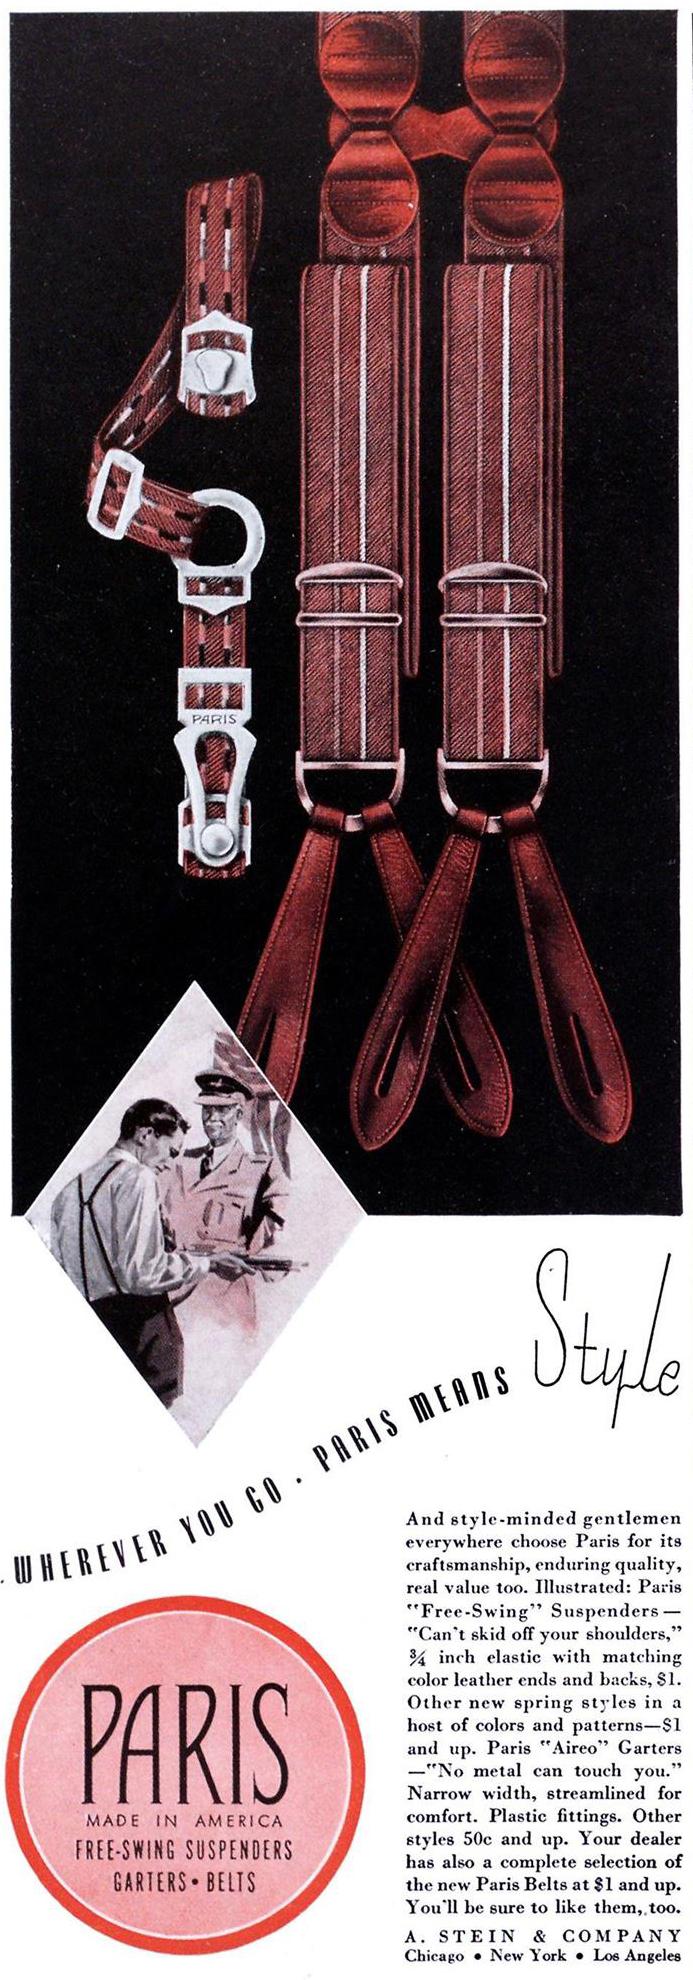 Esquire, 1 апреля 1941 года. Реклама подтяжек для носков Paris